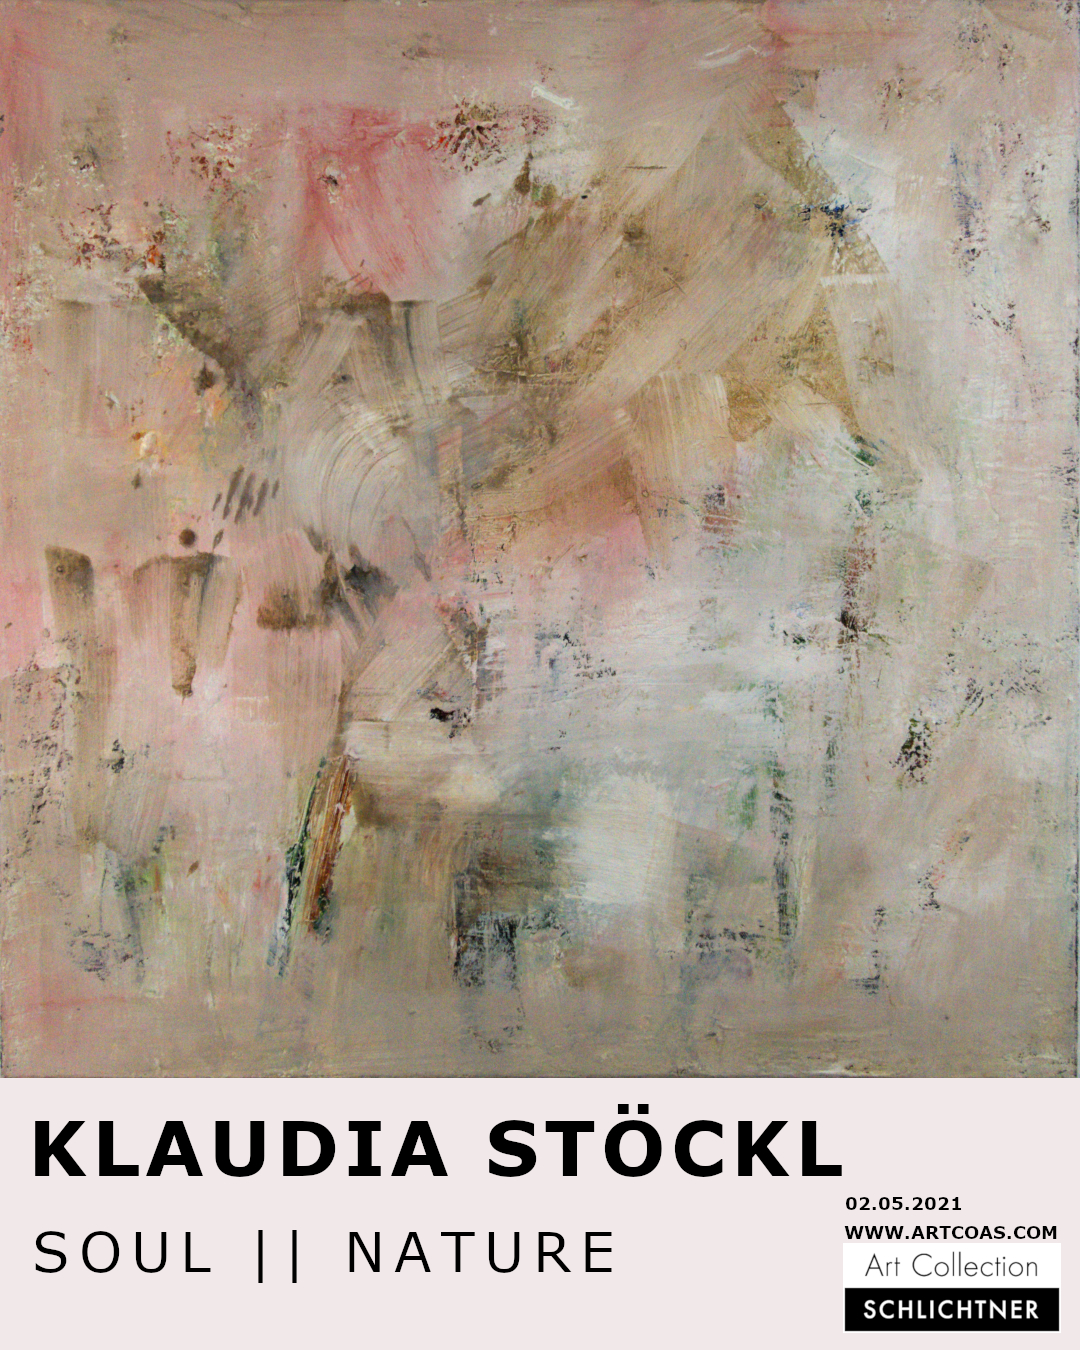 Klaudia Stöckl - SOUL // NATURE - online solo exhibition – 02.05.2021